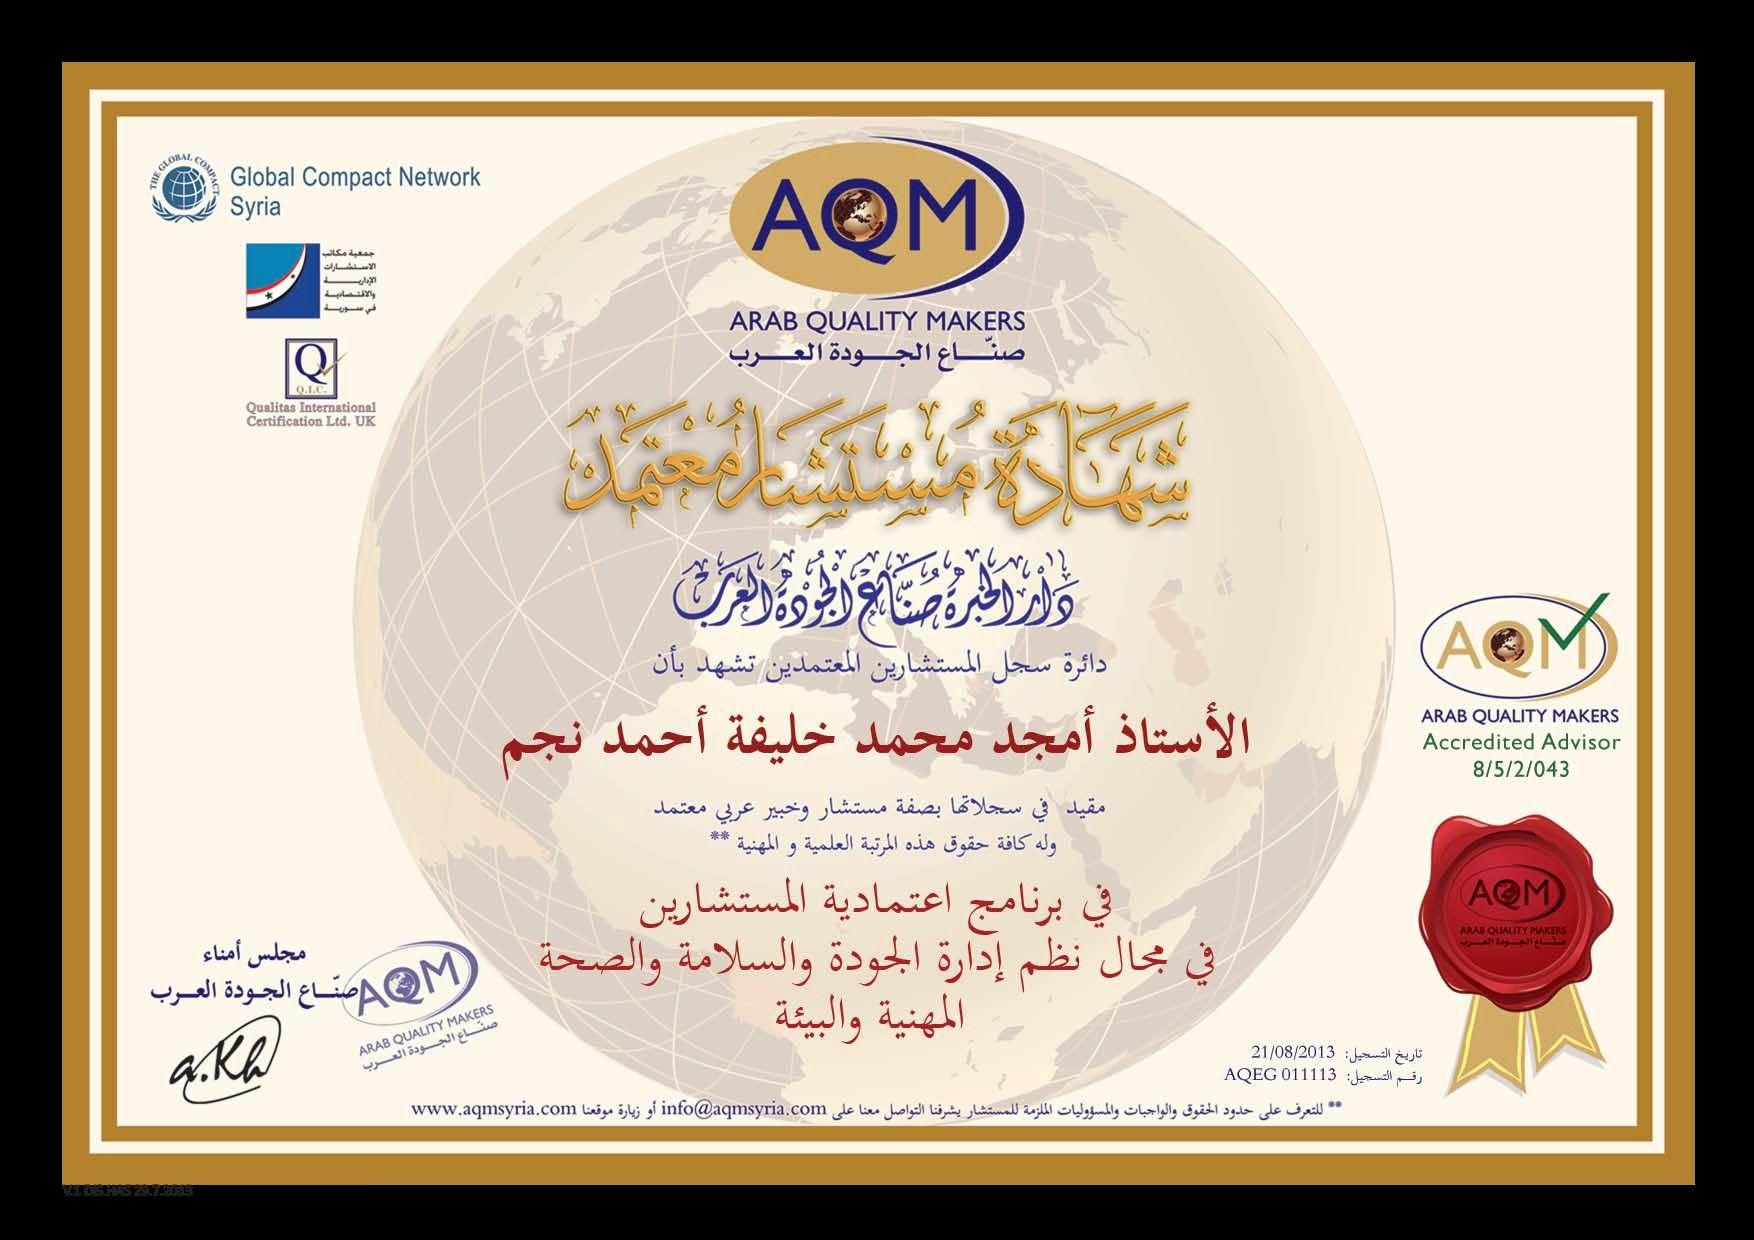 أمجد خليفة مستشار وخبير عربي معتمد Advisor Networking